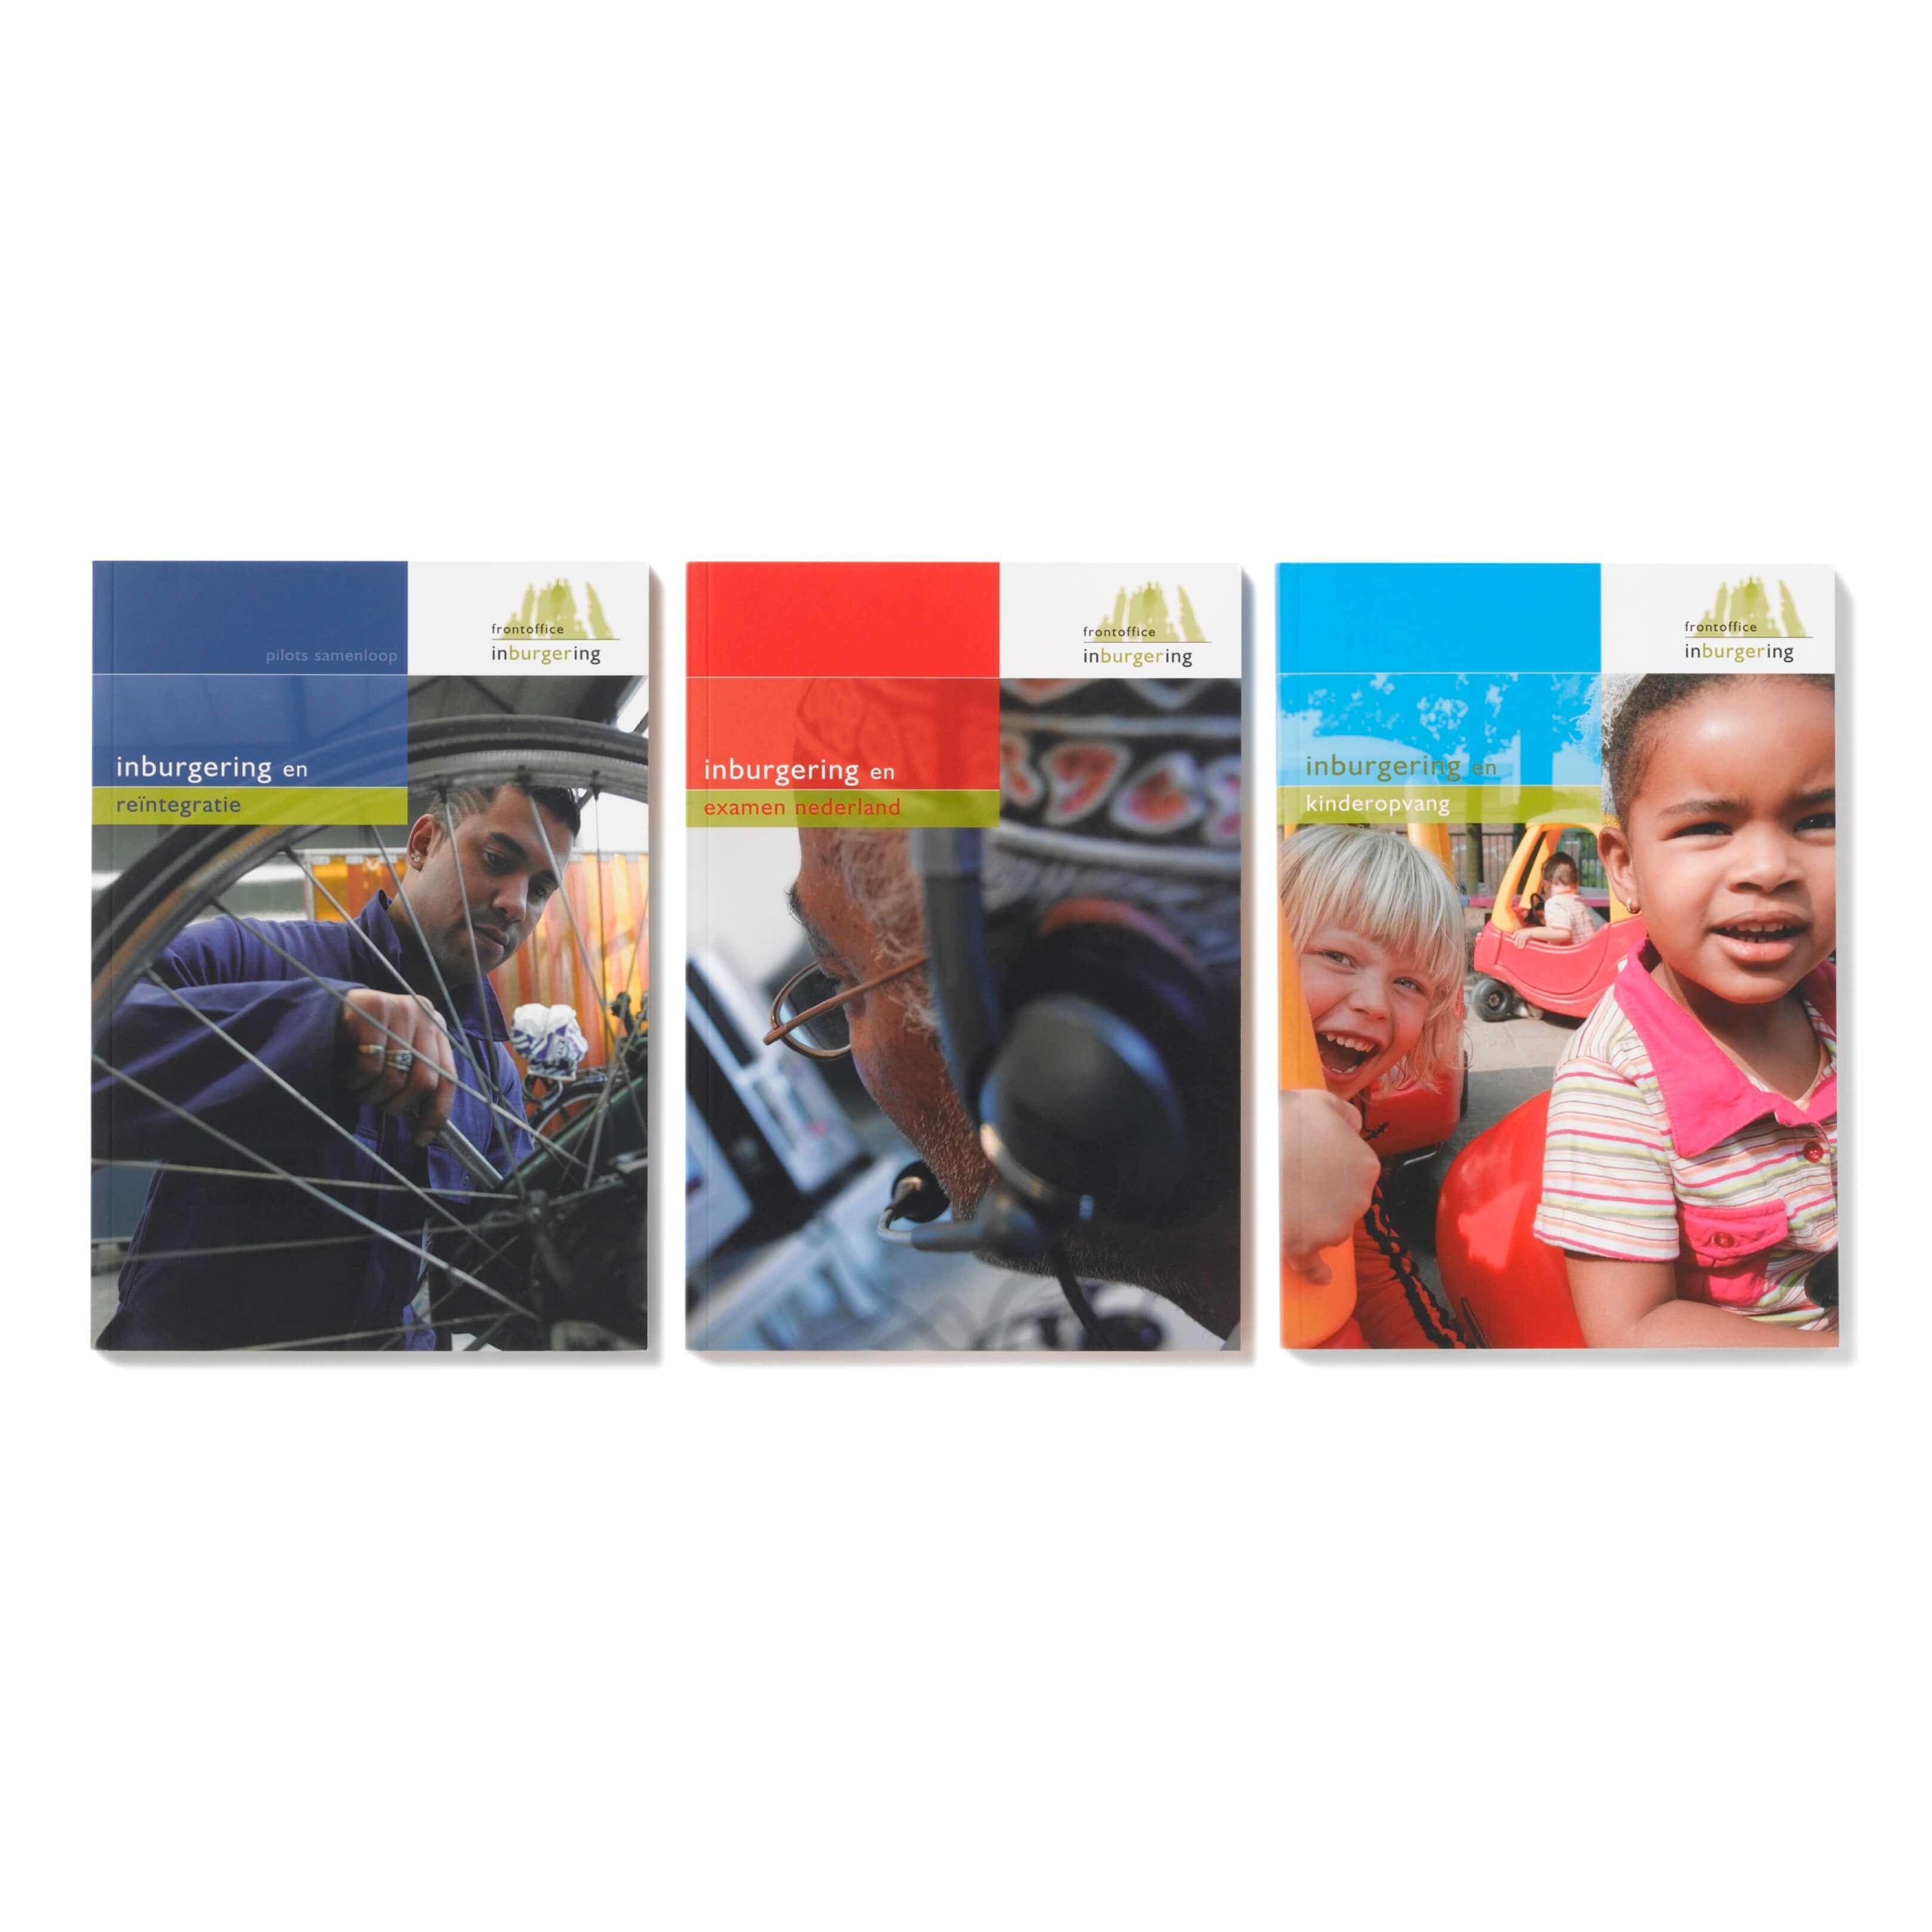 Jurjen Poeles fotografie informatieve uitgaven boek Frontoffice Inburgering Concreet geeft vorm Ministerie van Justitie en Veiligheid asielzoeker vluchteling opleiding school educatie spelen